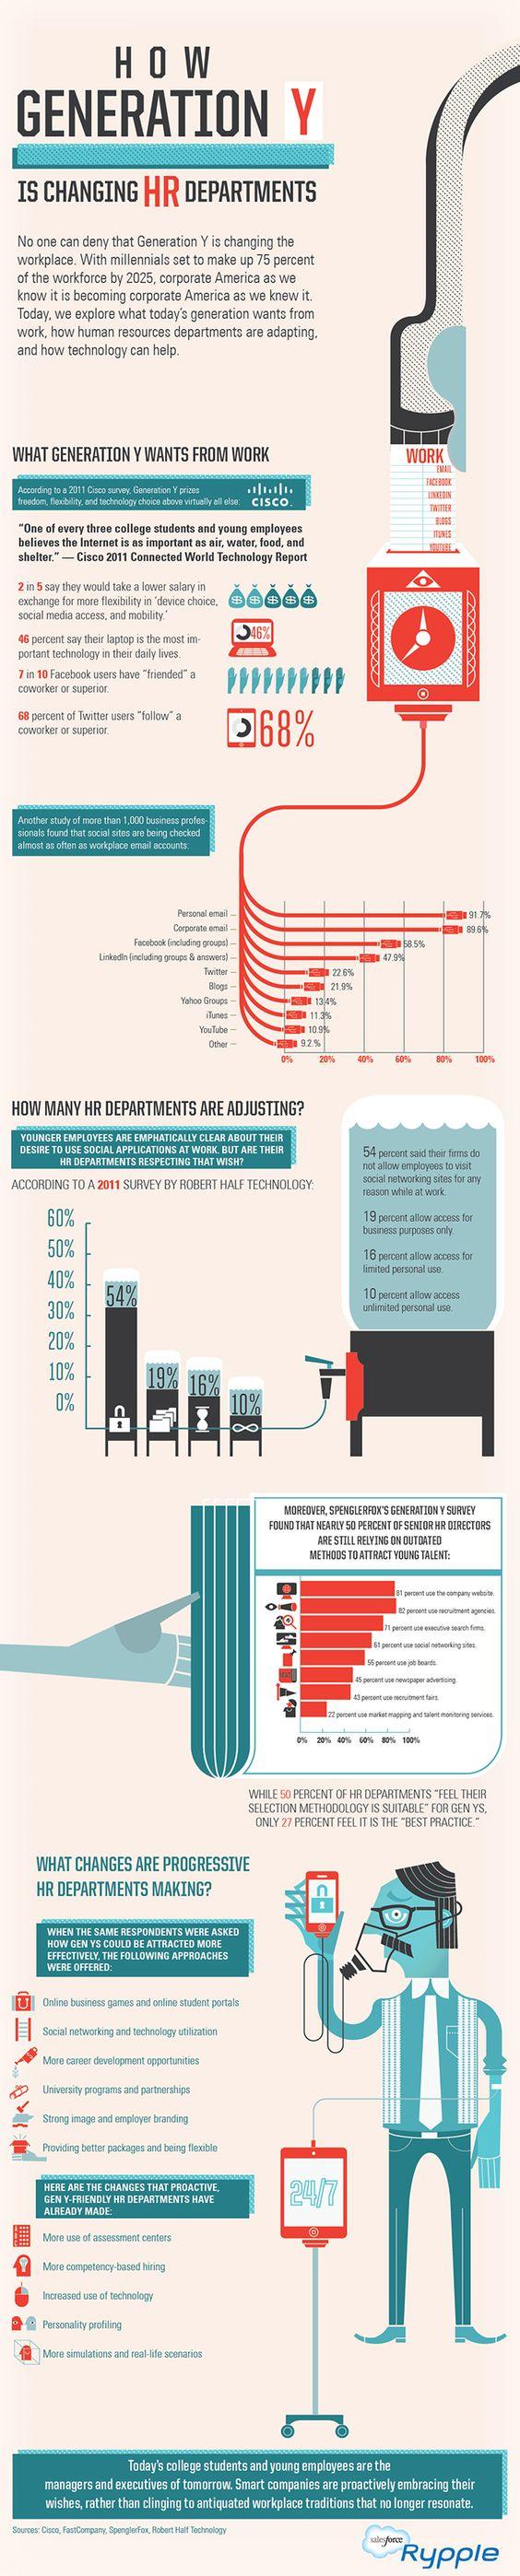 L'arrivée de la génération Y a-t-elle changé les RH ? # Generation Y, infographie, RH on http://bit.ly/KJEkUW  by Gwenaelle Raguenet  GenerationY_RH.jpg (660×3272) Source: infographie réalisée par Salesforce